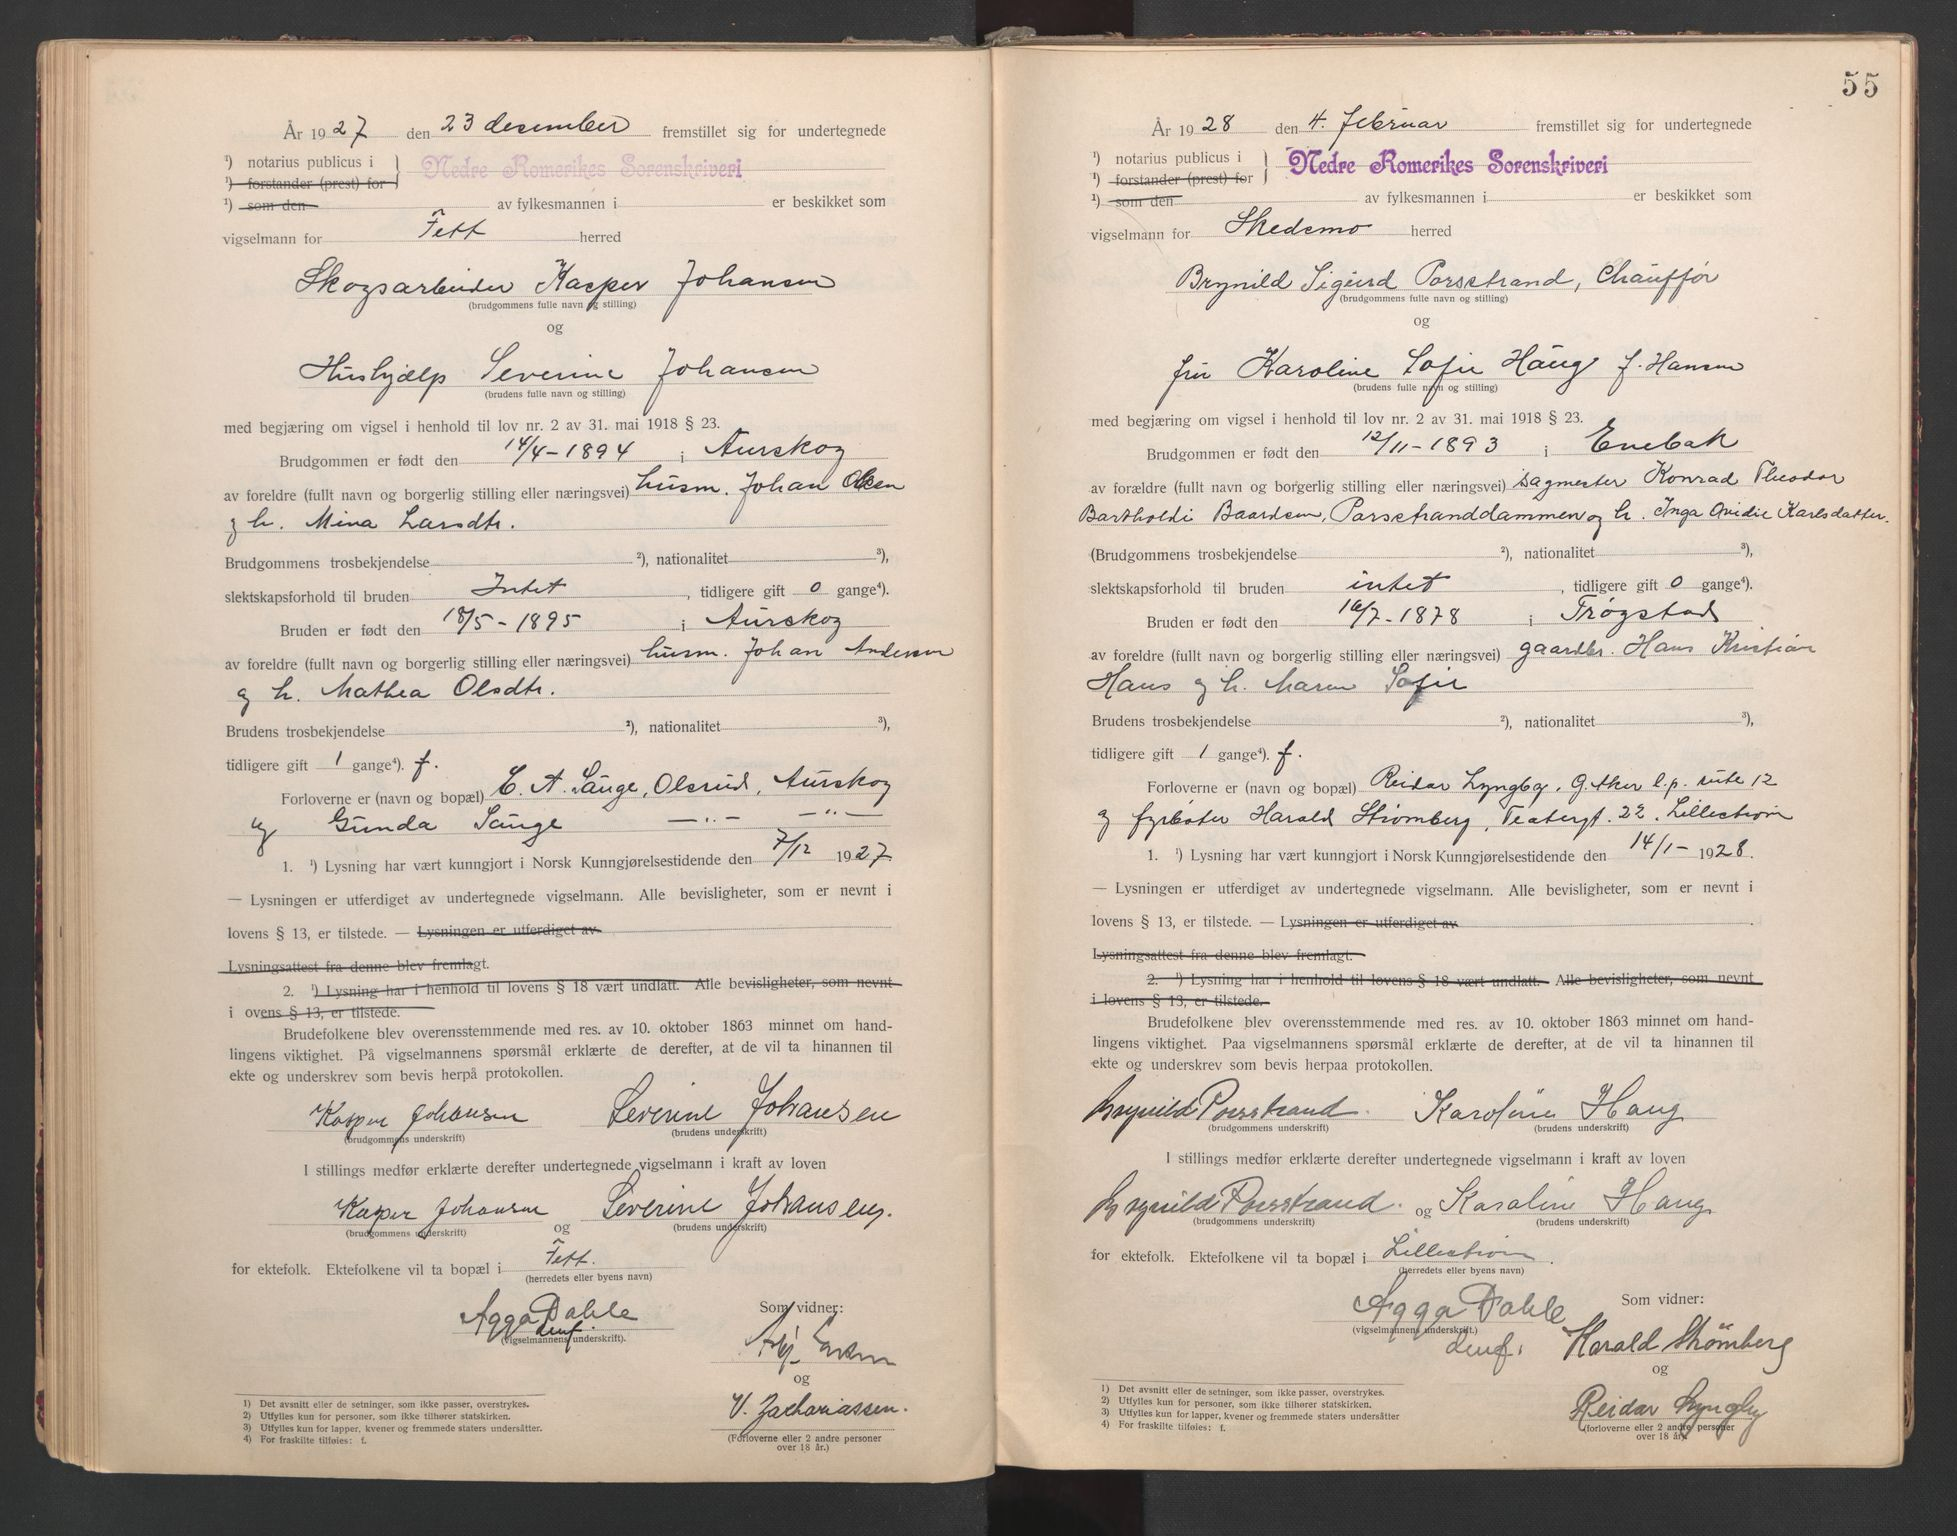 SAO, Nedre Romerike sorenskriveri, L/Lb/L0001: Vigselsbok - borgerlige vielser, 1920-1935, s. 55